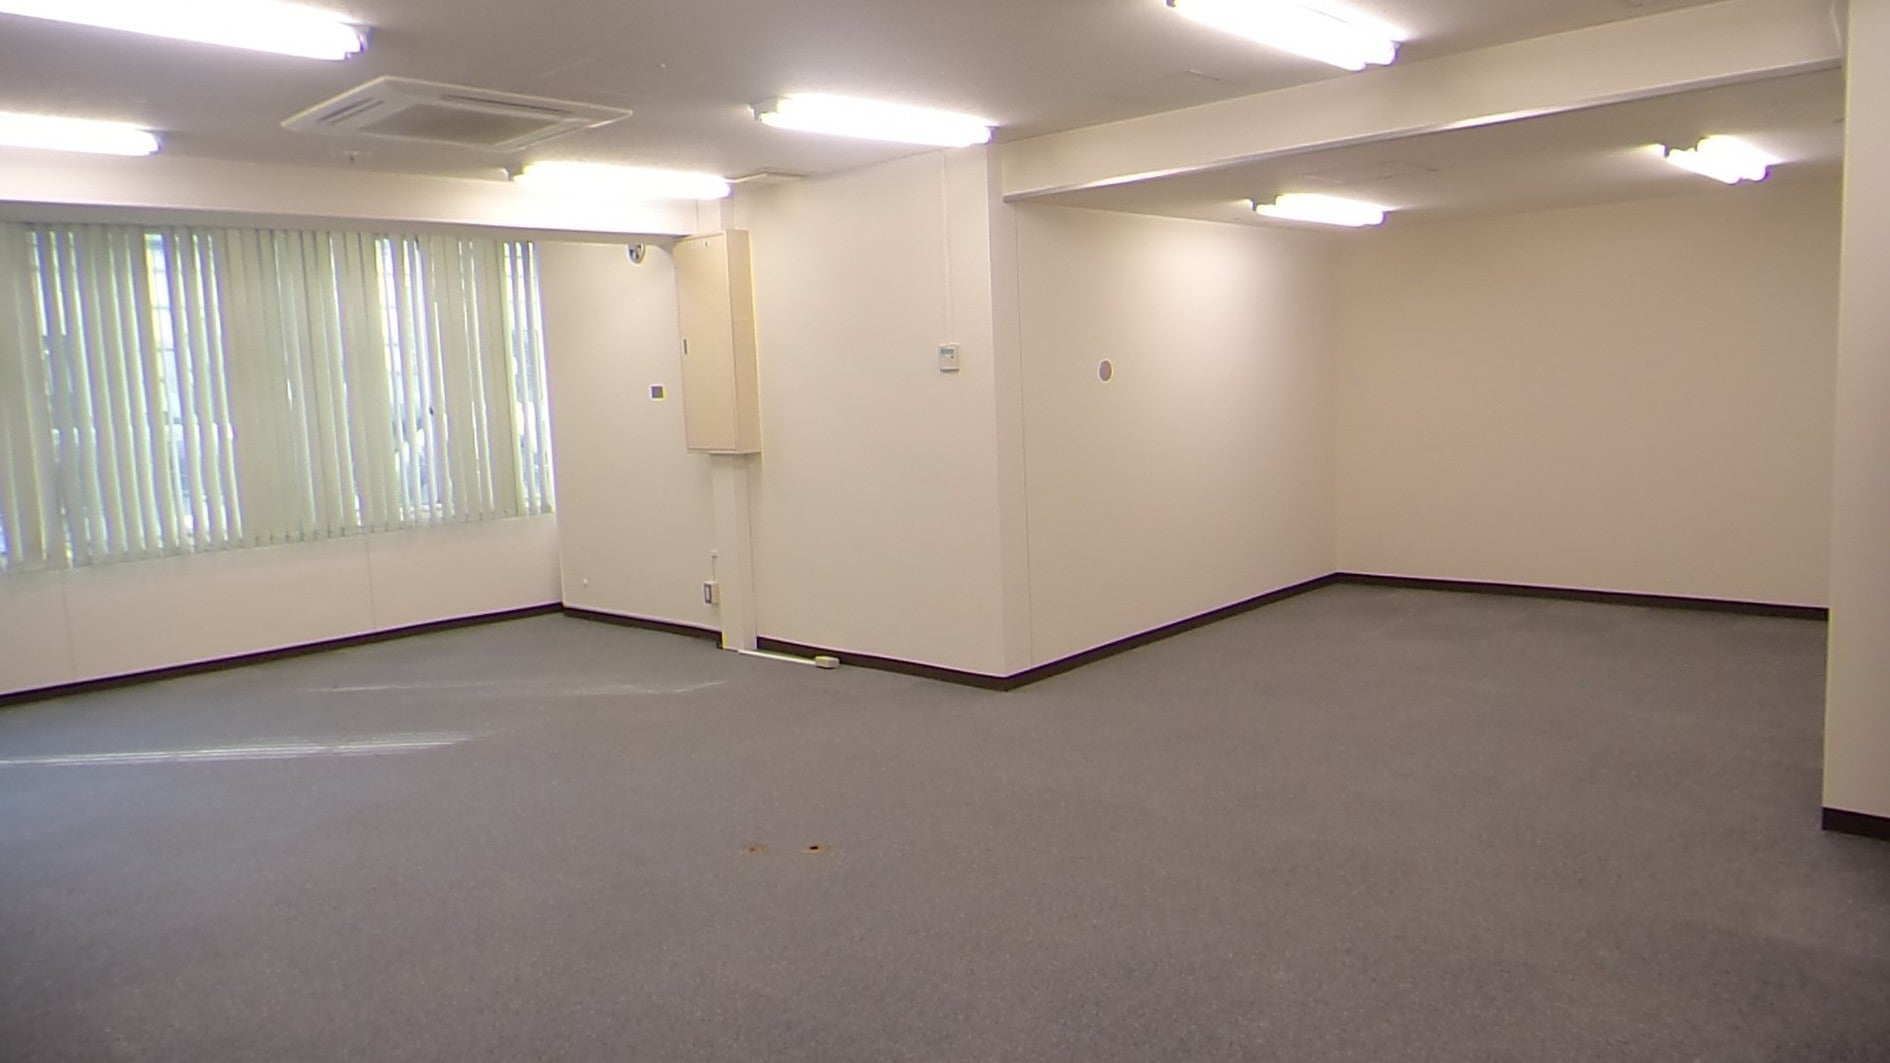 【静岡駅北口8分】4階小会議室②/完全個室【静岡県庁近く】